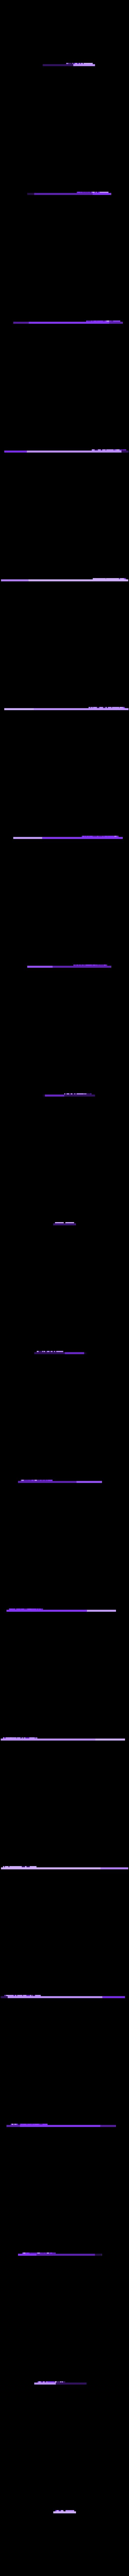 STILL ALIVE.stl Télécharger fichier STL gratuit Étiquettes de noms de plantes • Plan imprimable en 3D, Jdog